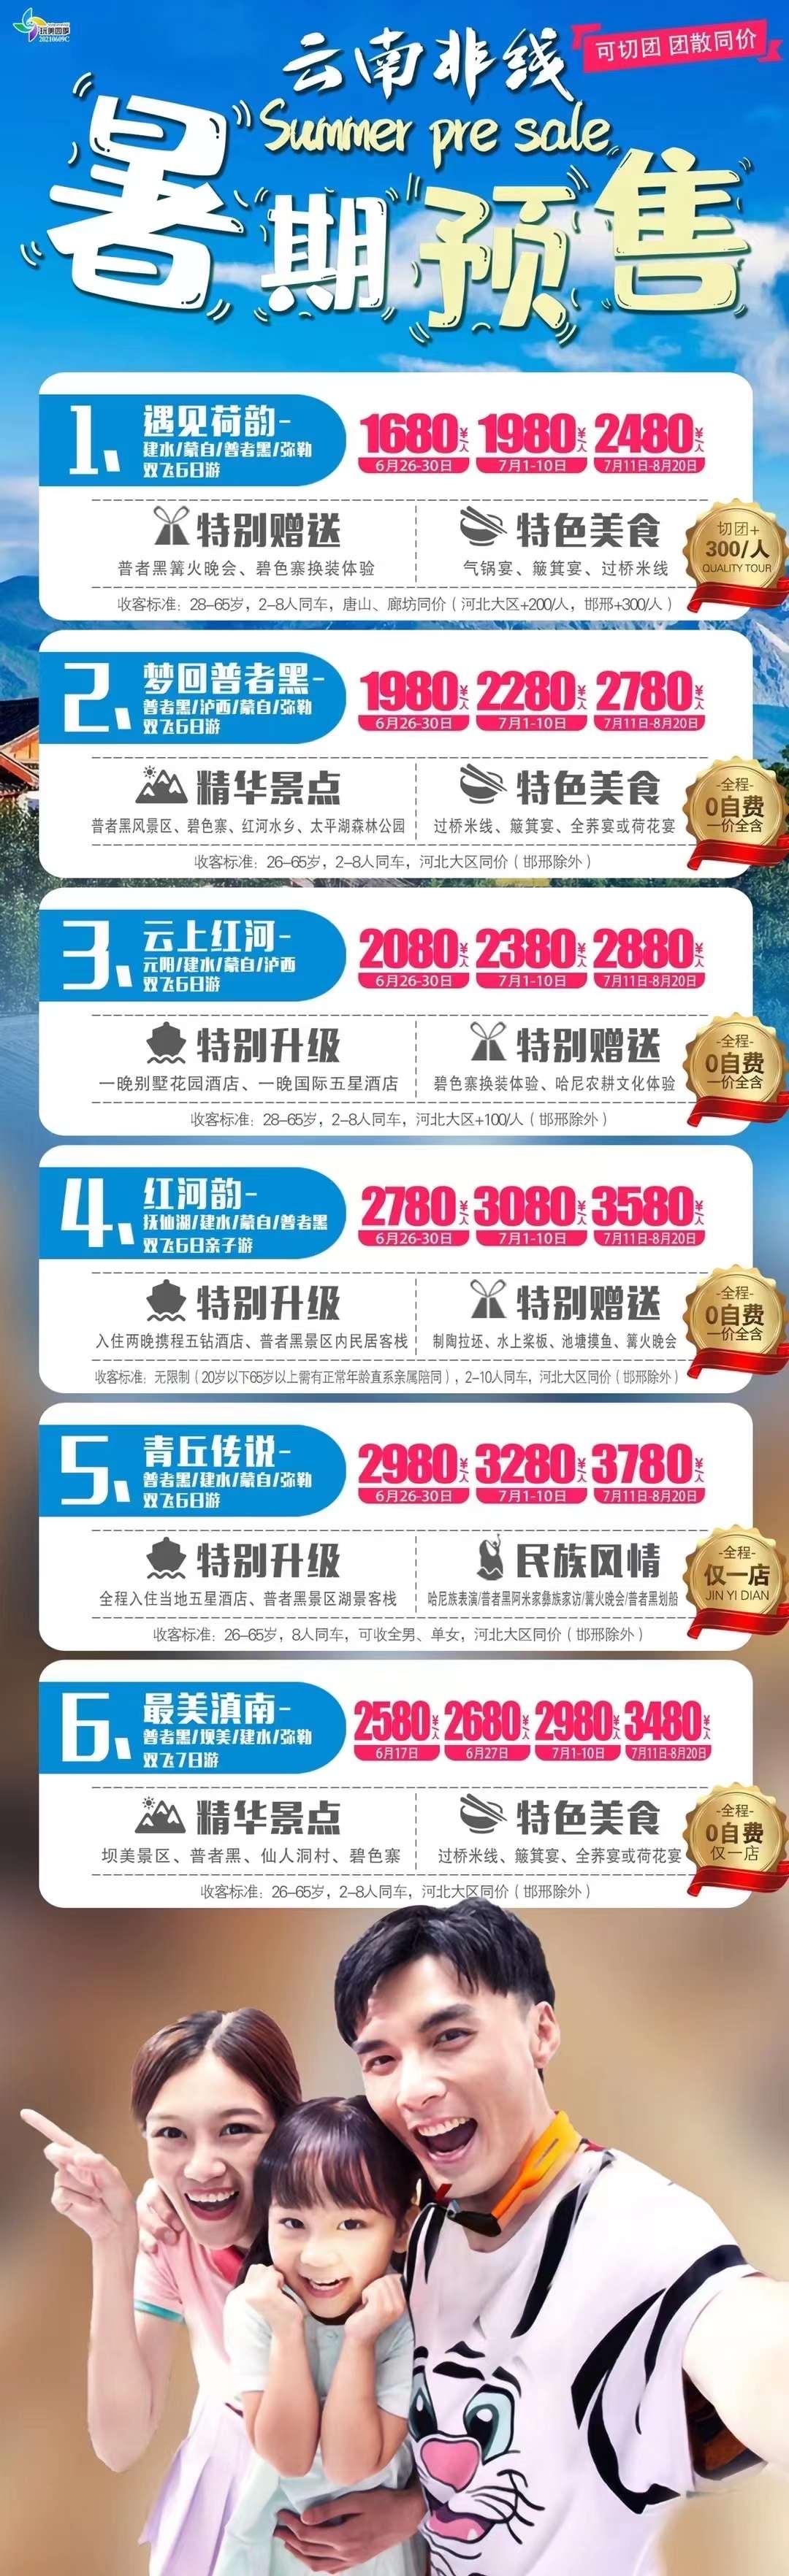 德赢最新登录网址_德赢vwin官方网站055非线暑期预售